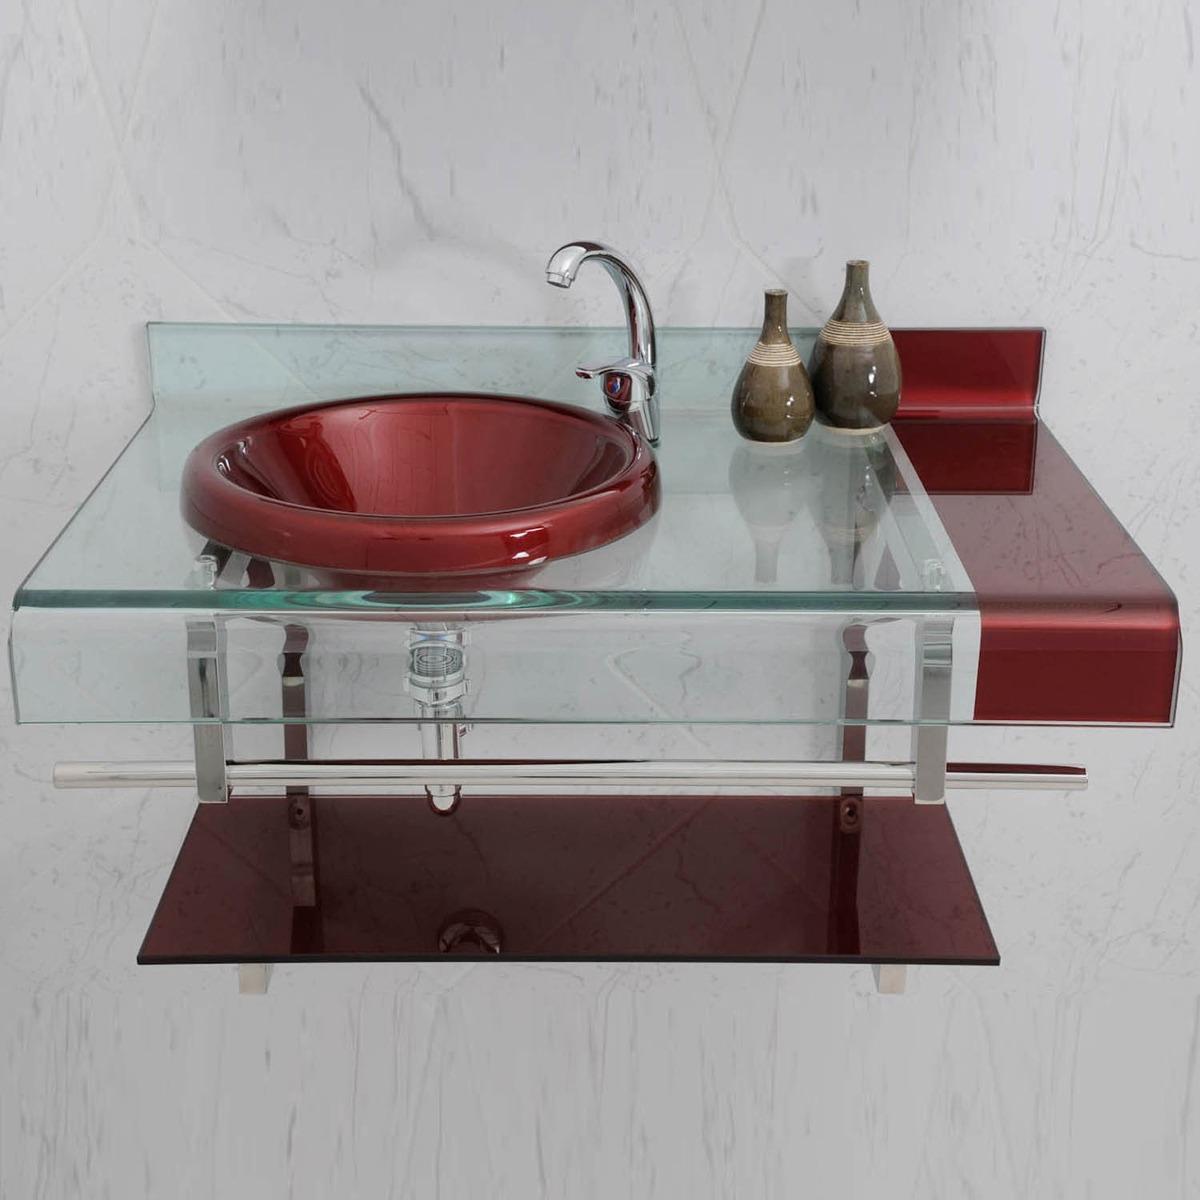 Armario pia Bancada Banheiro Astra Estilo Chopin 70cm  R$ 899,00 em Mercad -> Pia Para Banheiro Mercado Livre